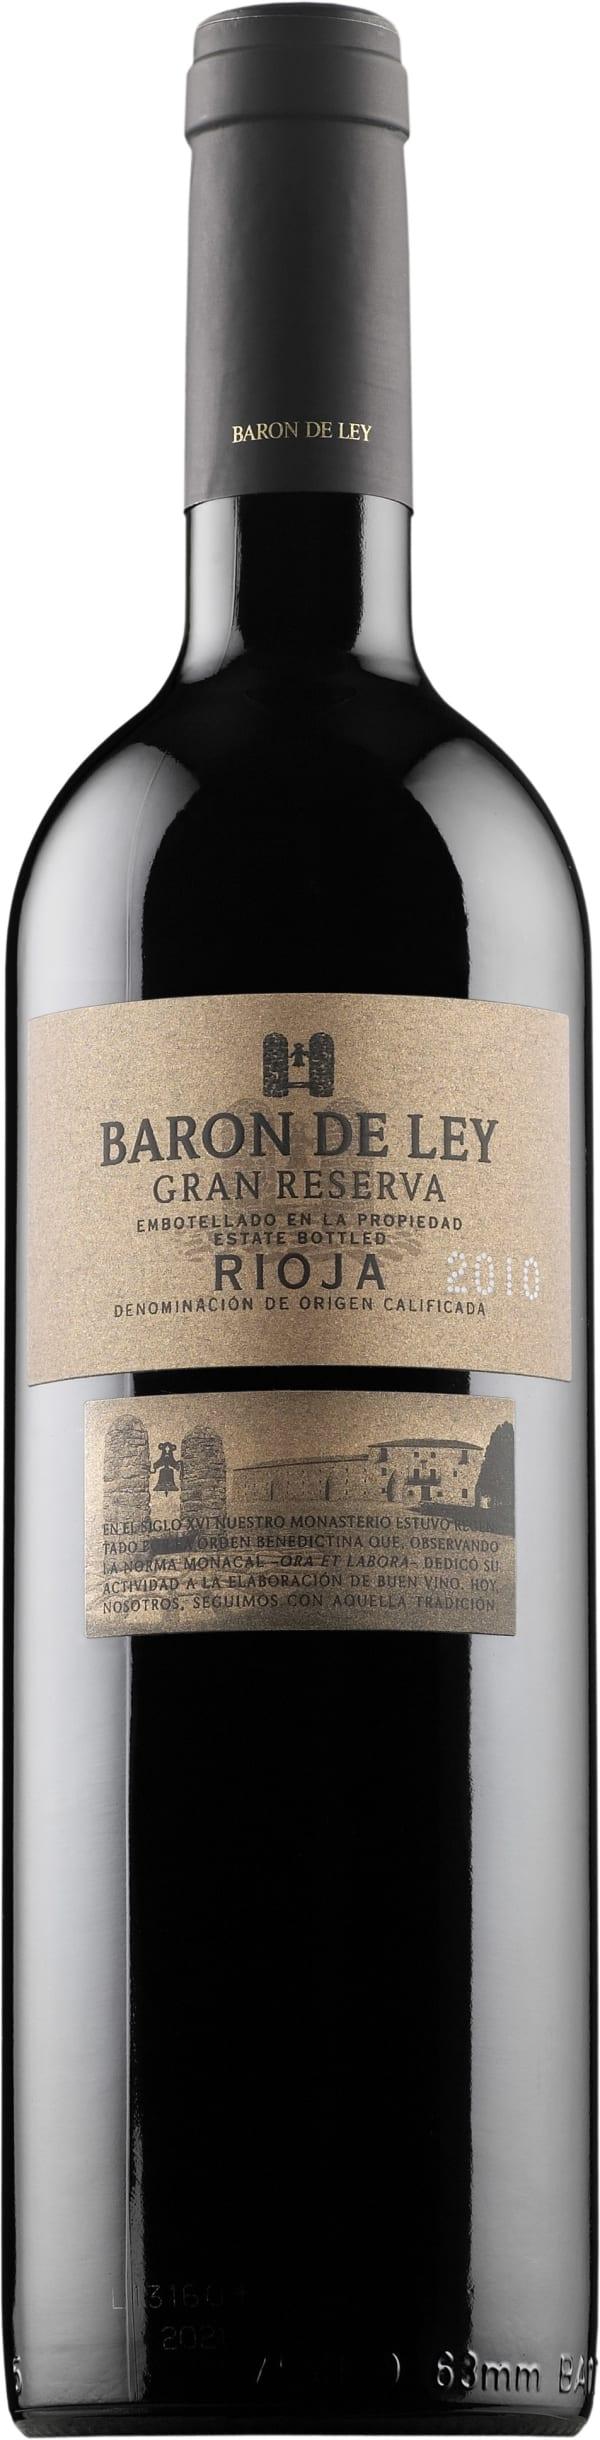 Baron de Ley Gran Reserva 2010